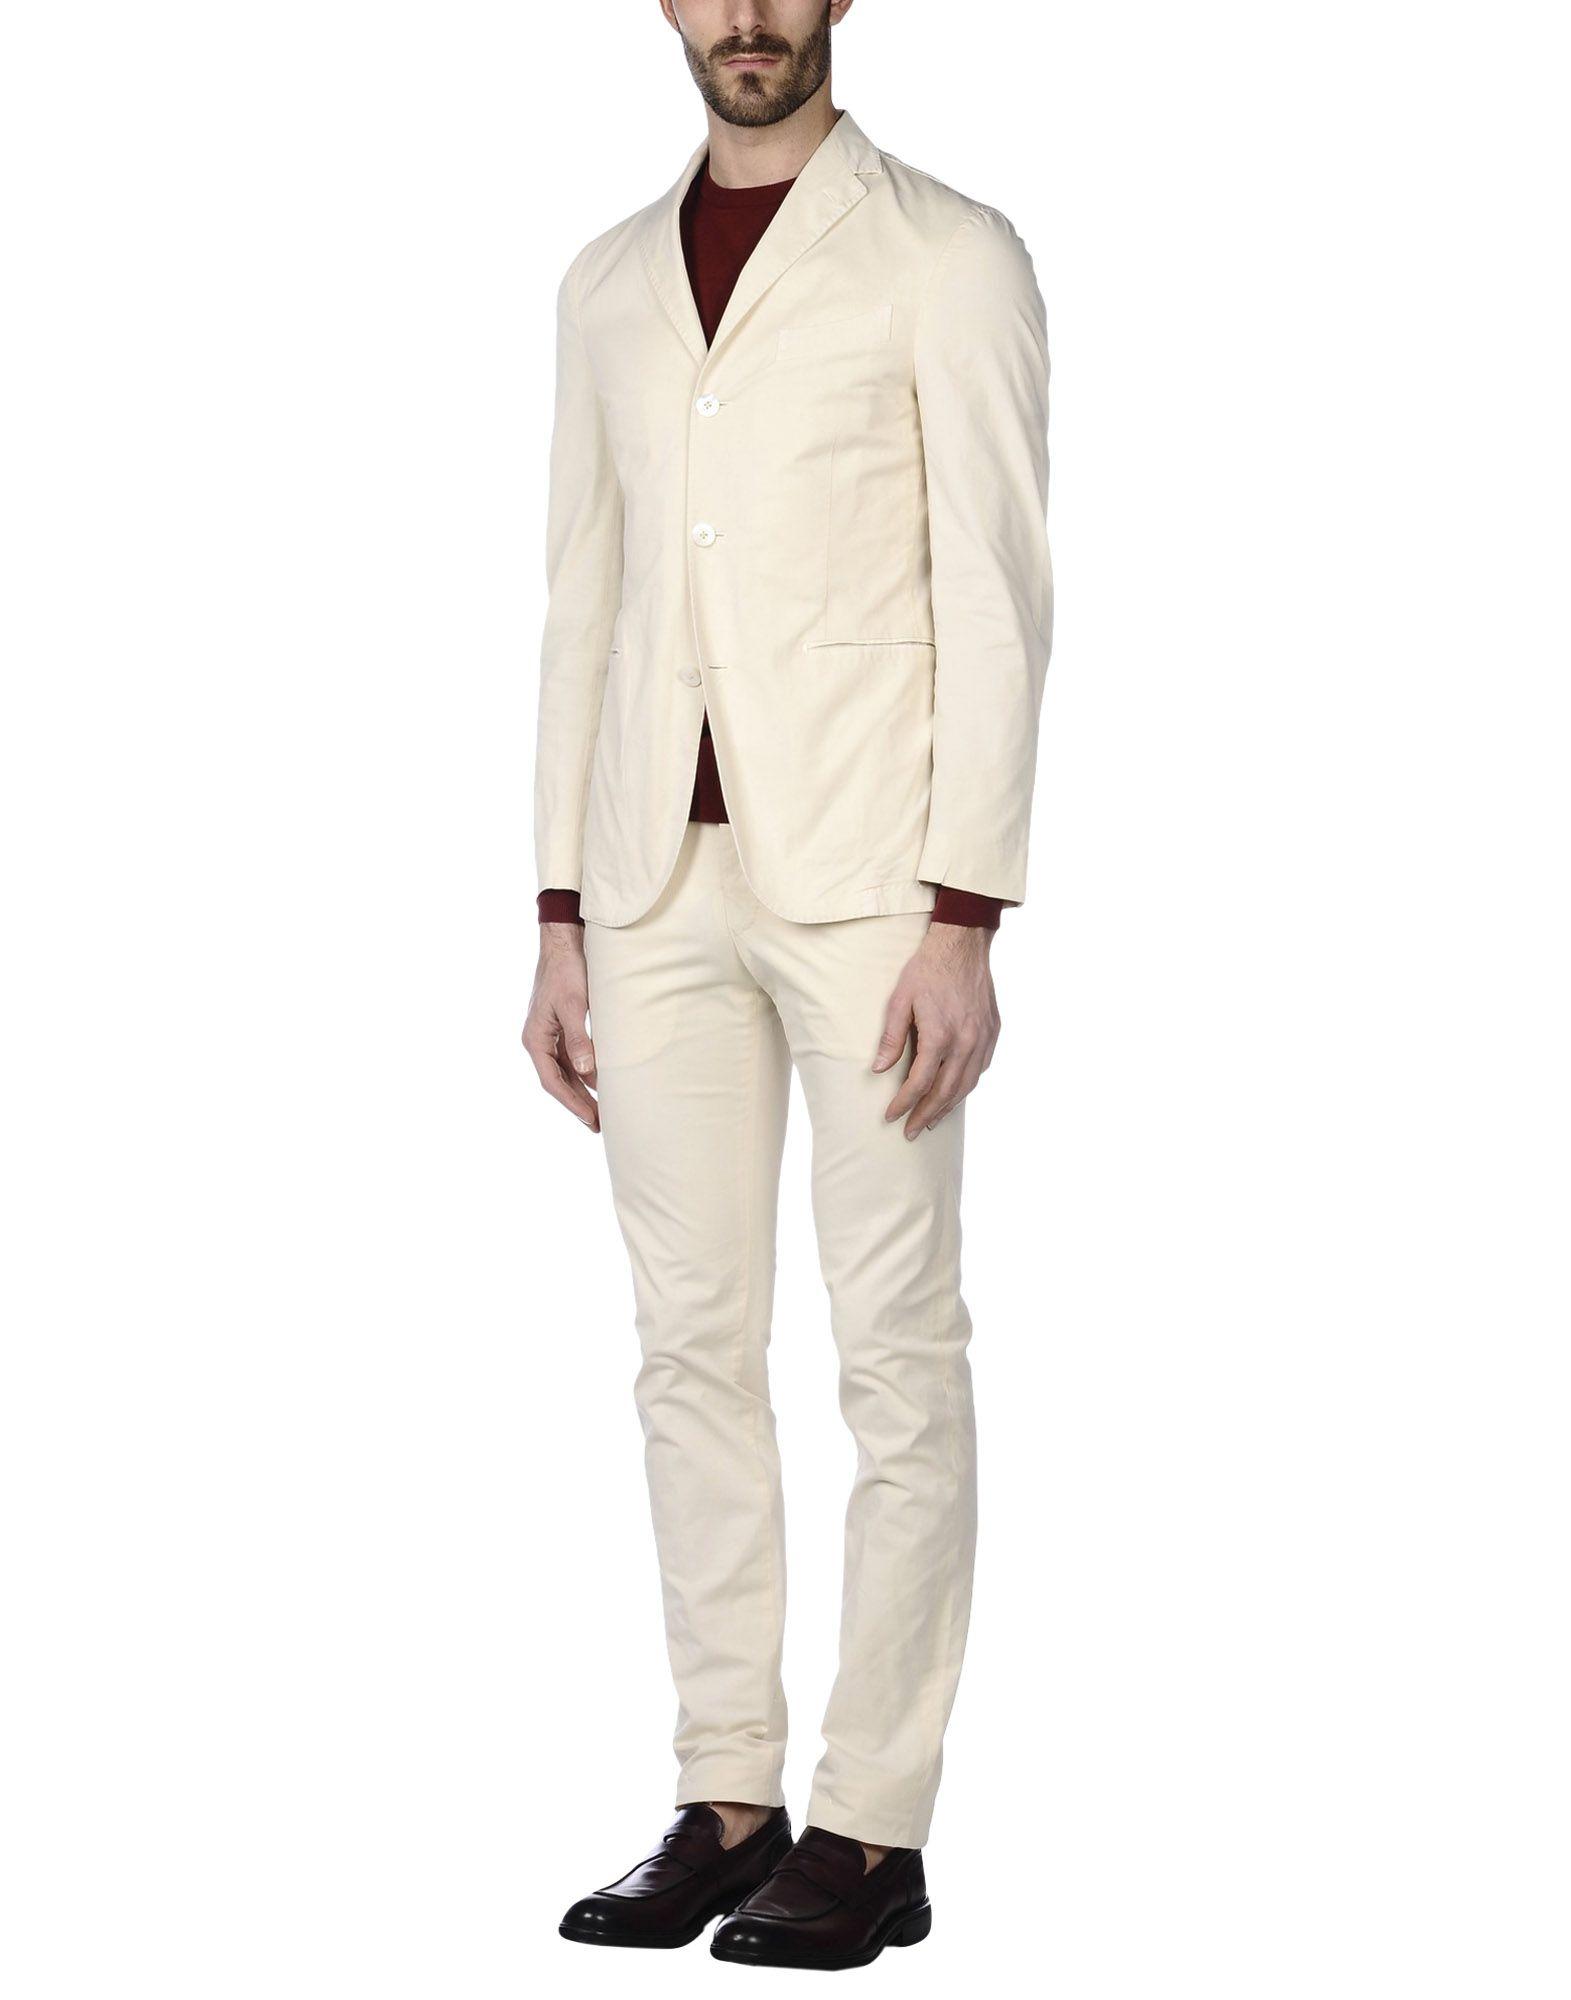 BOGLIOLI Костюм разноцветный костюм шута 28 32